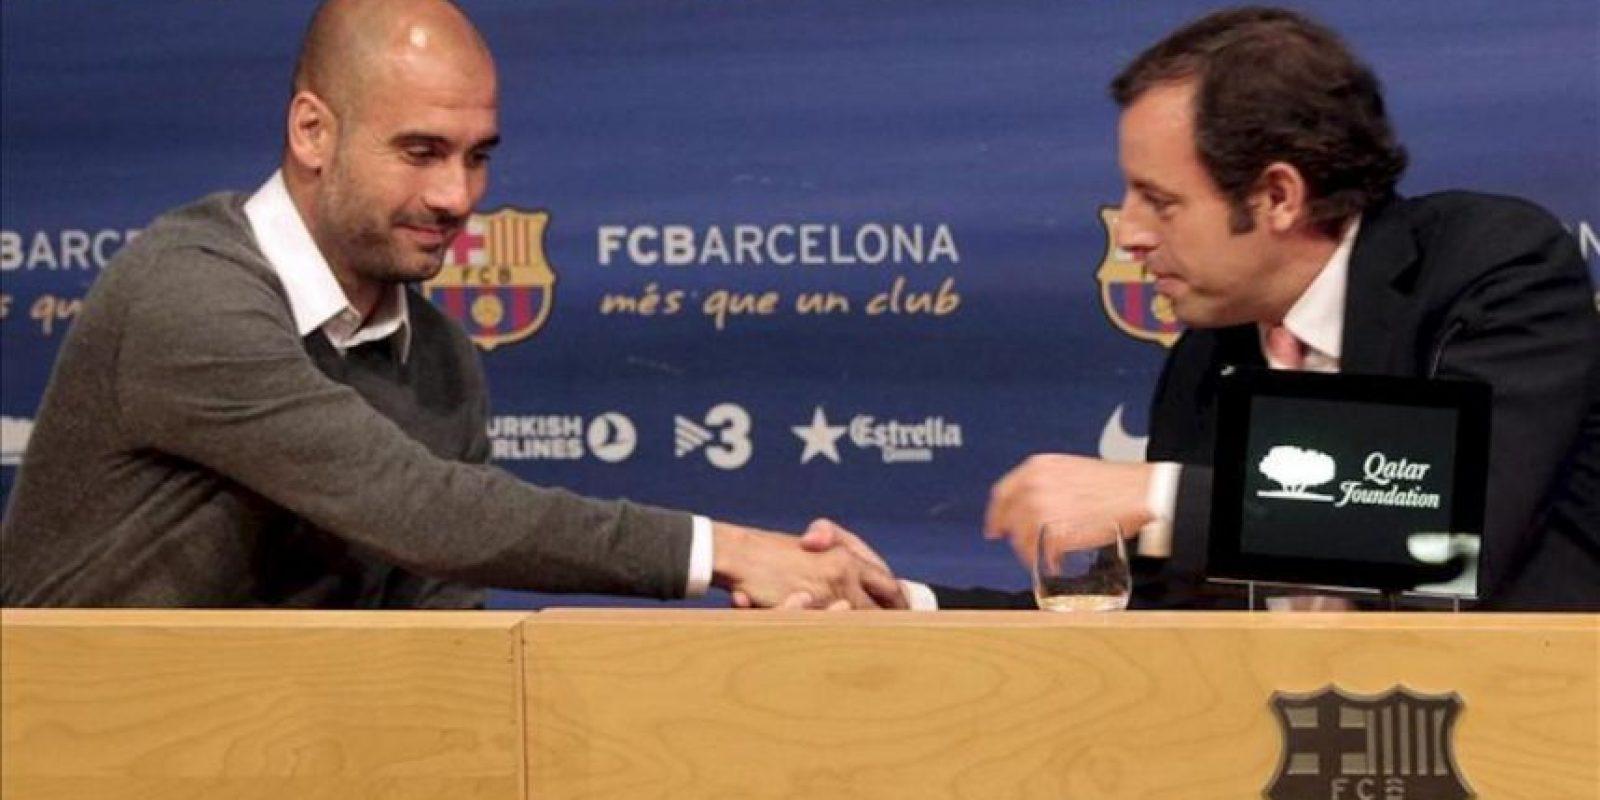 El entrenador del Barcelona, Pep Guardiola (i), se da la mano con el presidente del club, Sandro Rosell, al inicio de la rueda de prensa en la que se anunció que el técnico ha decidido poner punto y final a su trayectoria al frente del equipo catalán a finales de la presente temporada. EFE